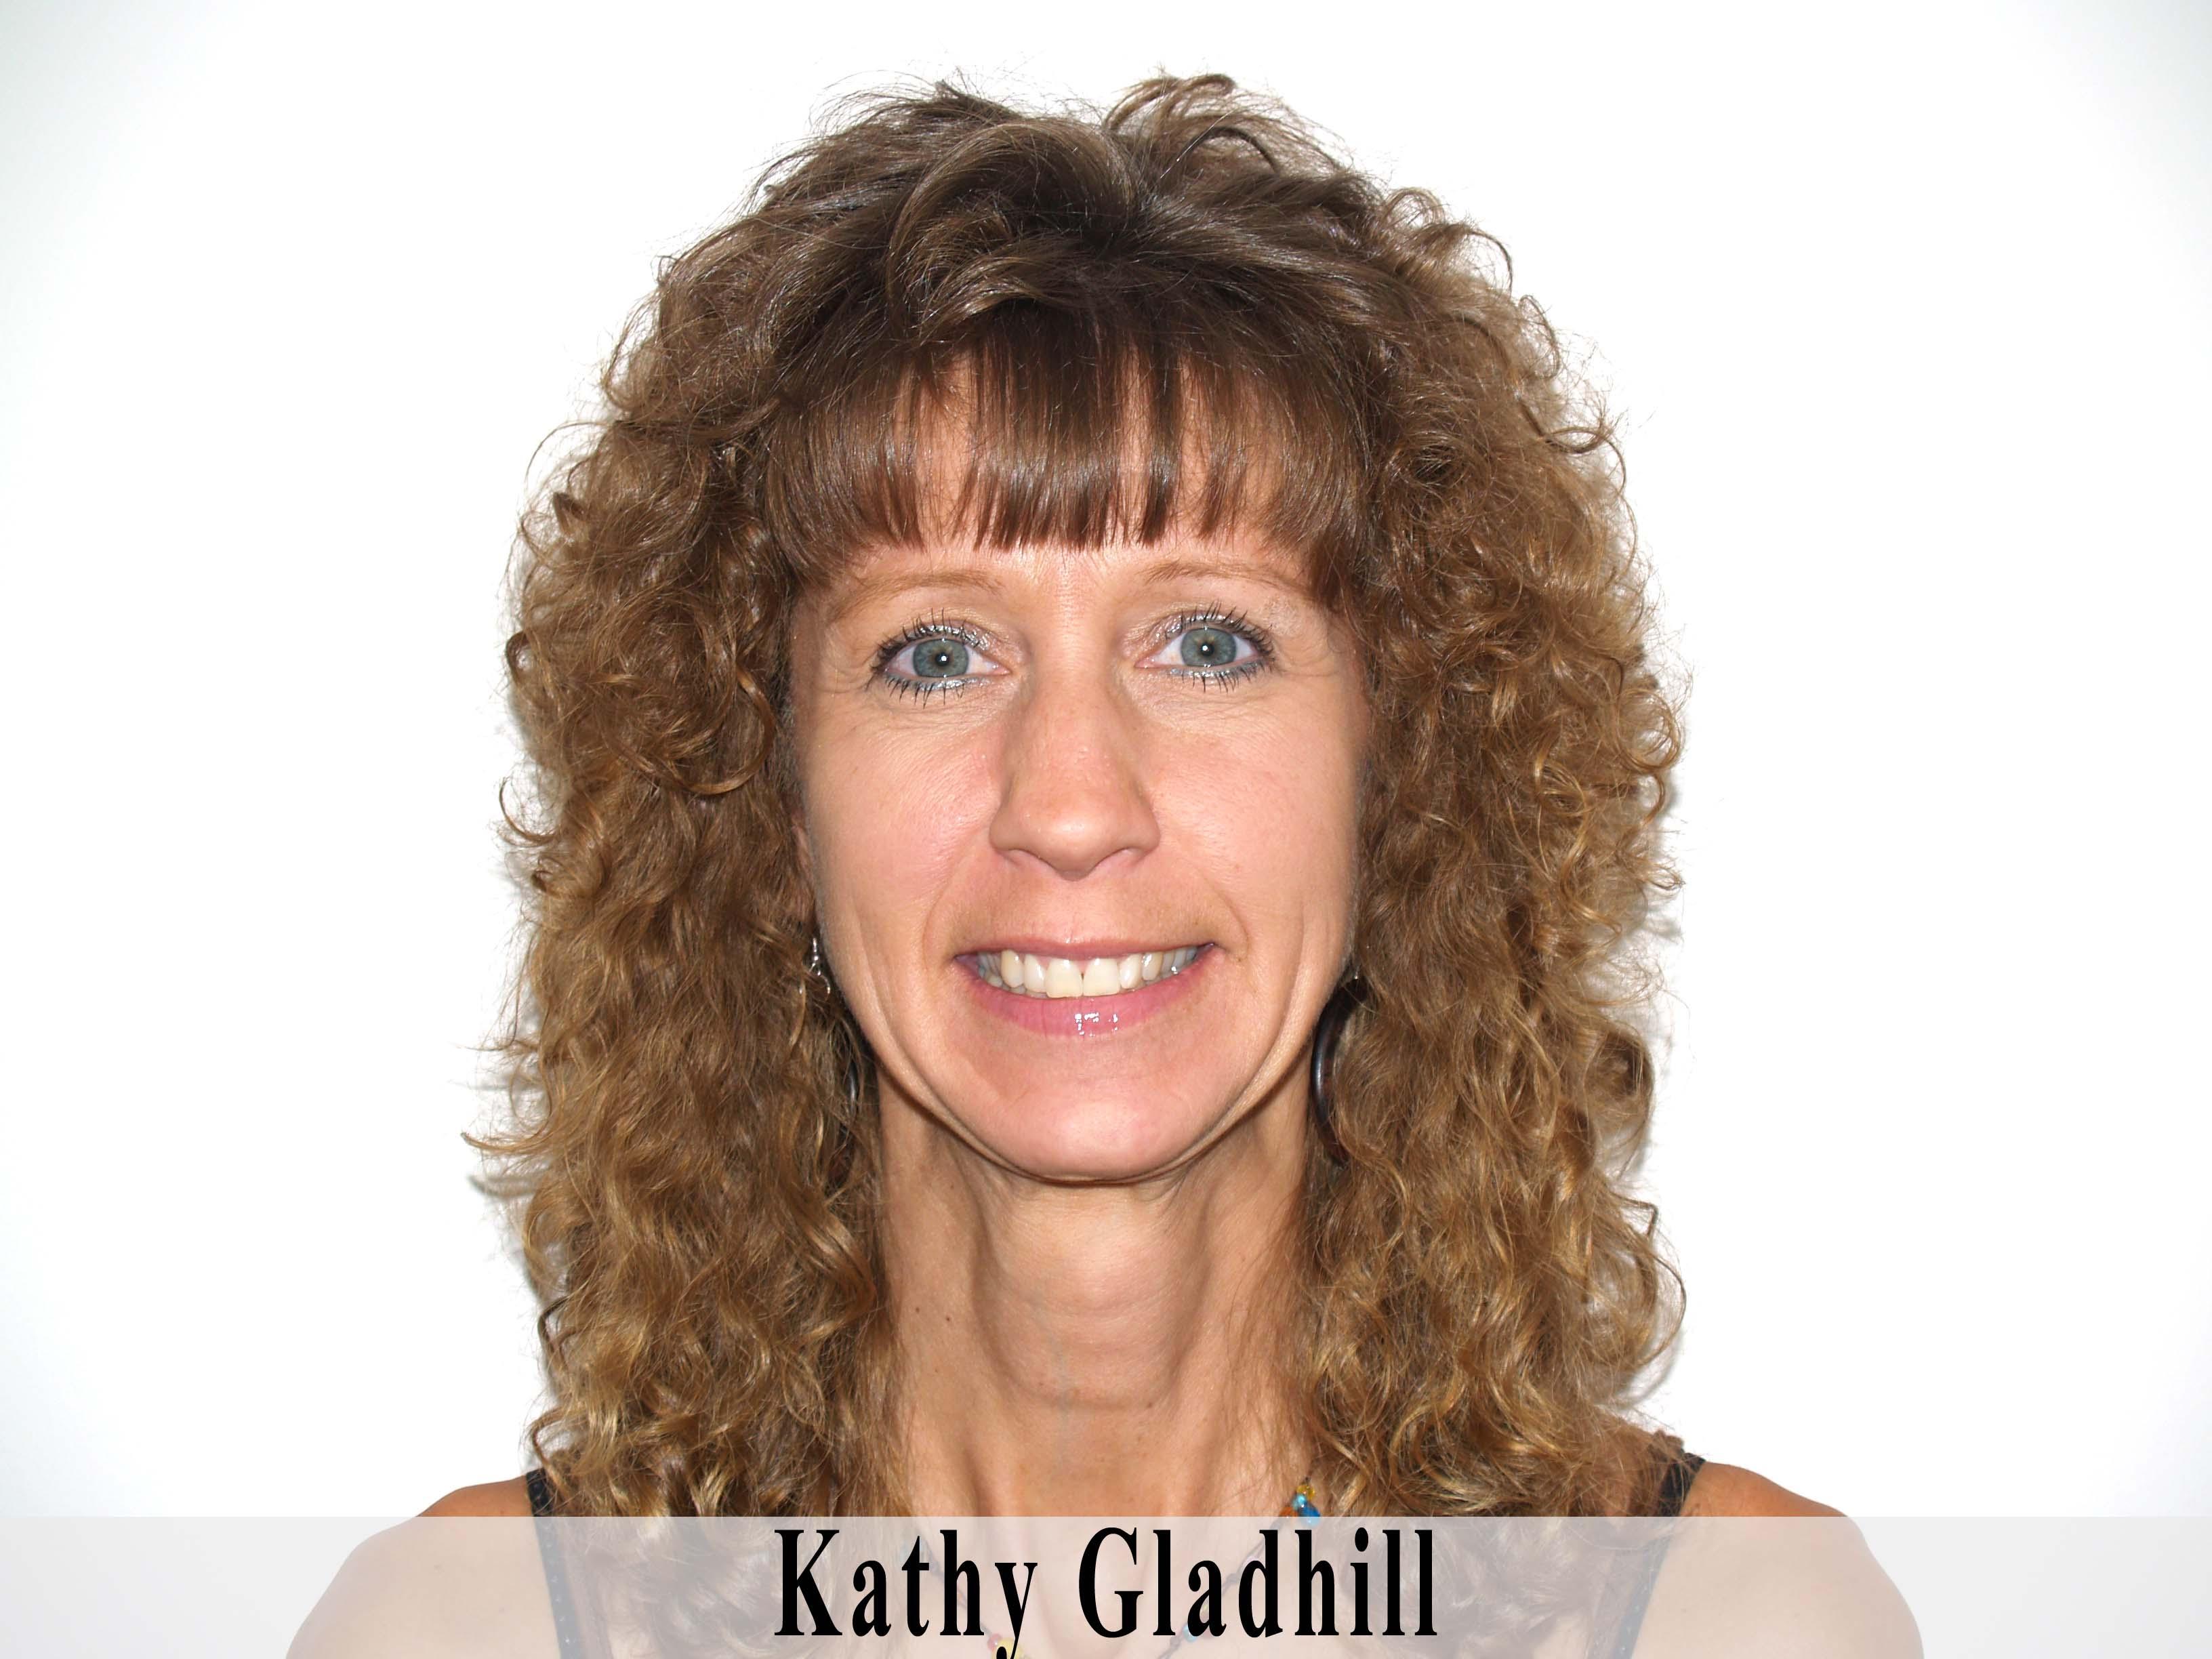 Kathy Gladhill